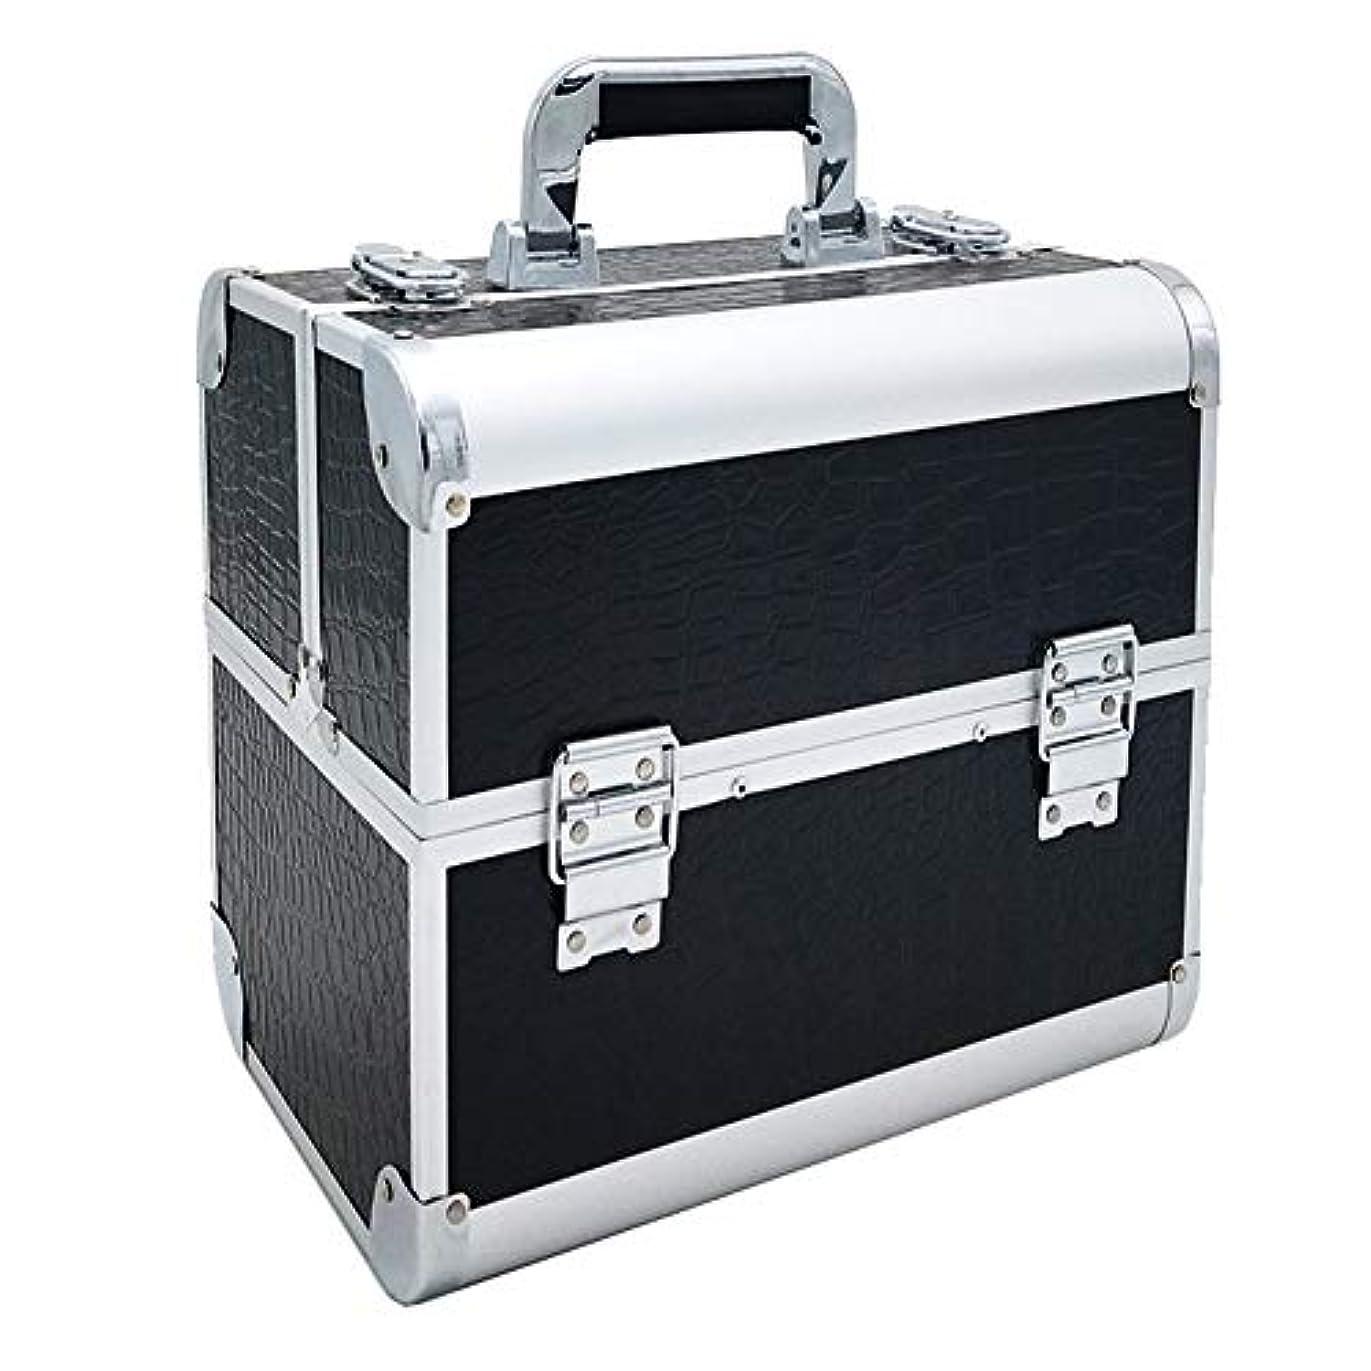 空の独立して特異な特大スペース収納ビューティーボックス 調節可能なディバイダーが付いている構造の電車箱の専門の化粧品カセット4つの皿および2つのロック黒、ピンク任意。 化粧品化粧台